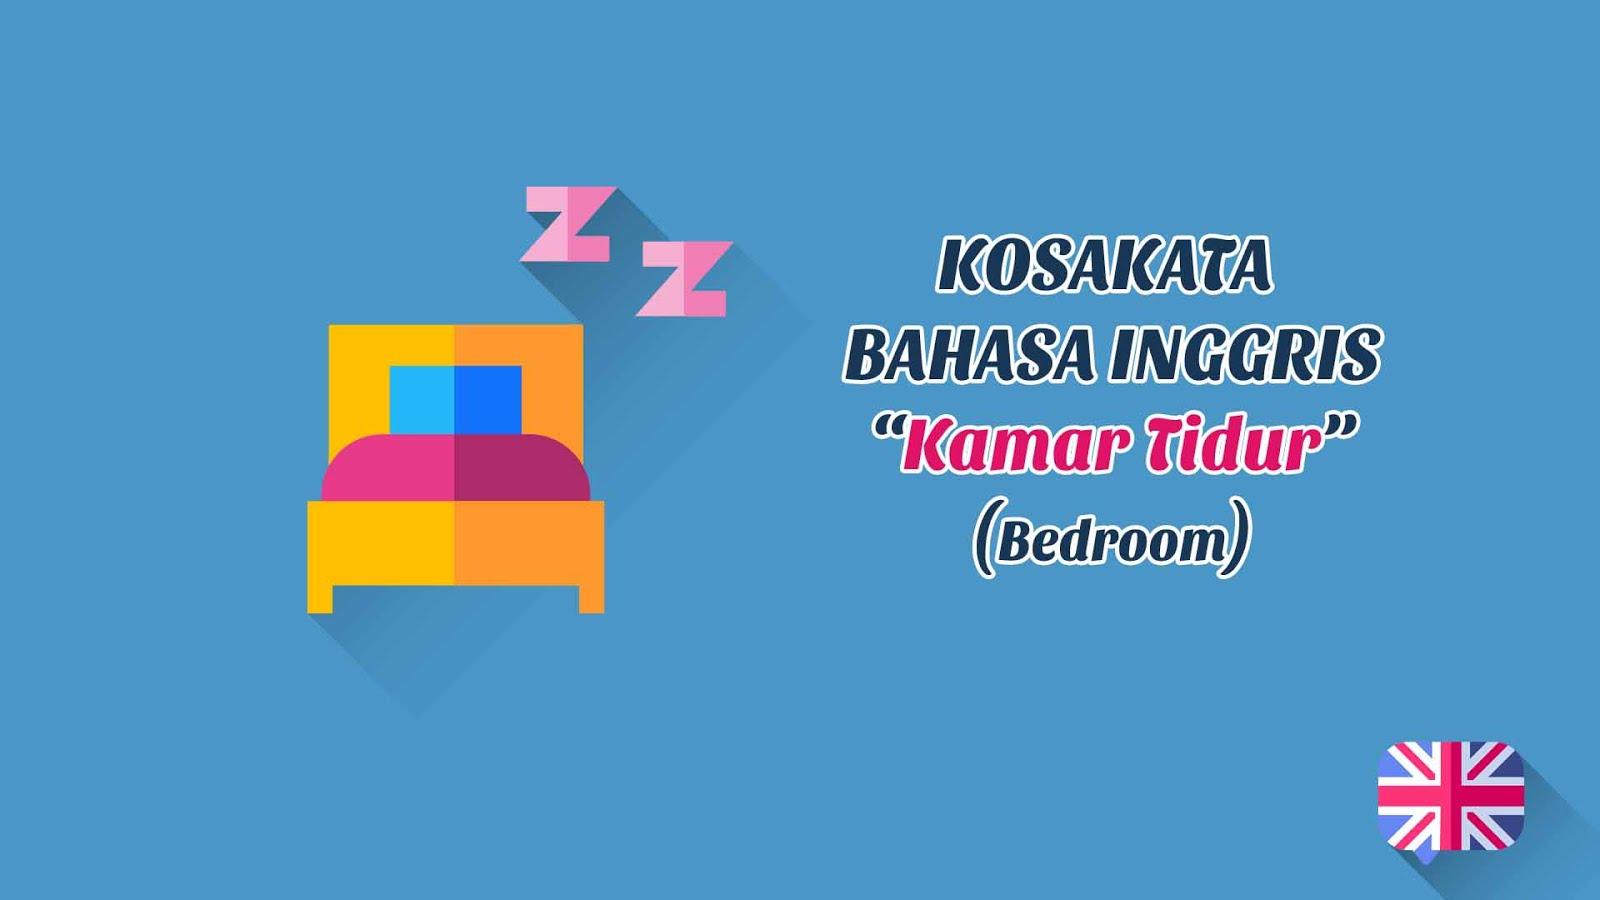 Benda-Benda Yang Ada Di Kamar Tidur (Bathroom) + Pronunciation (Kosakata Bahasa Inggris)